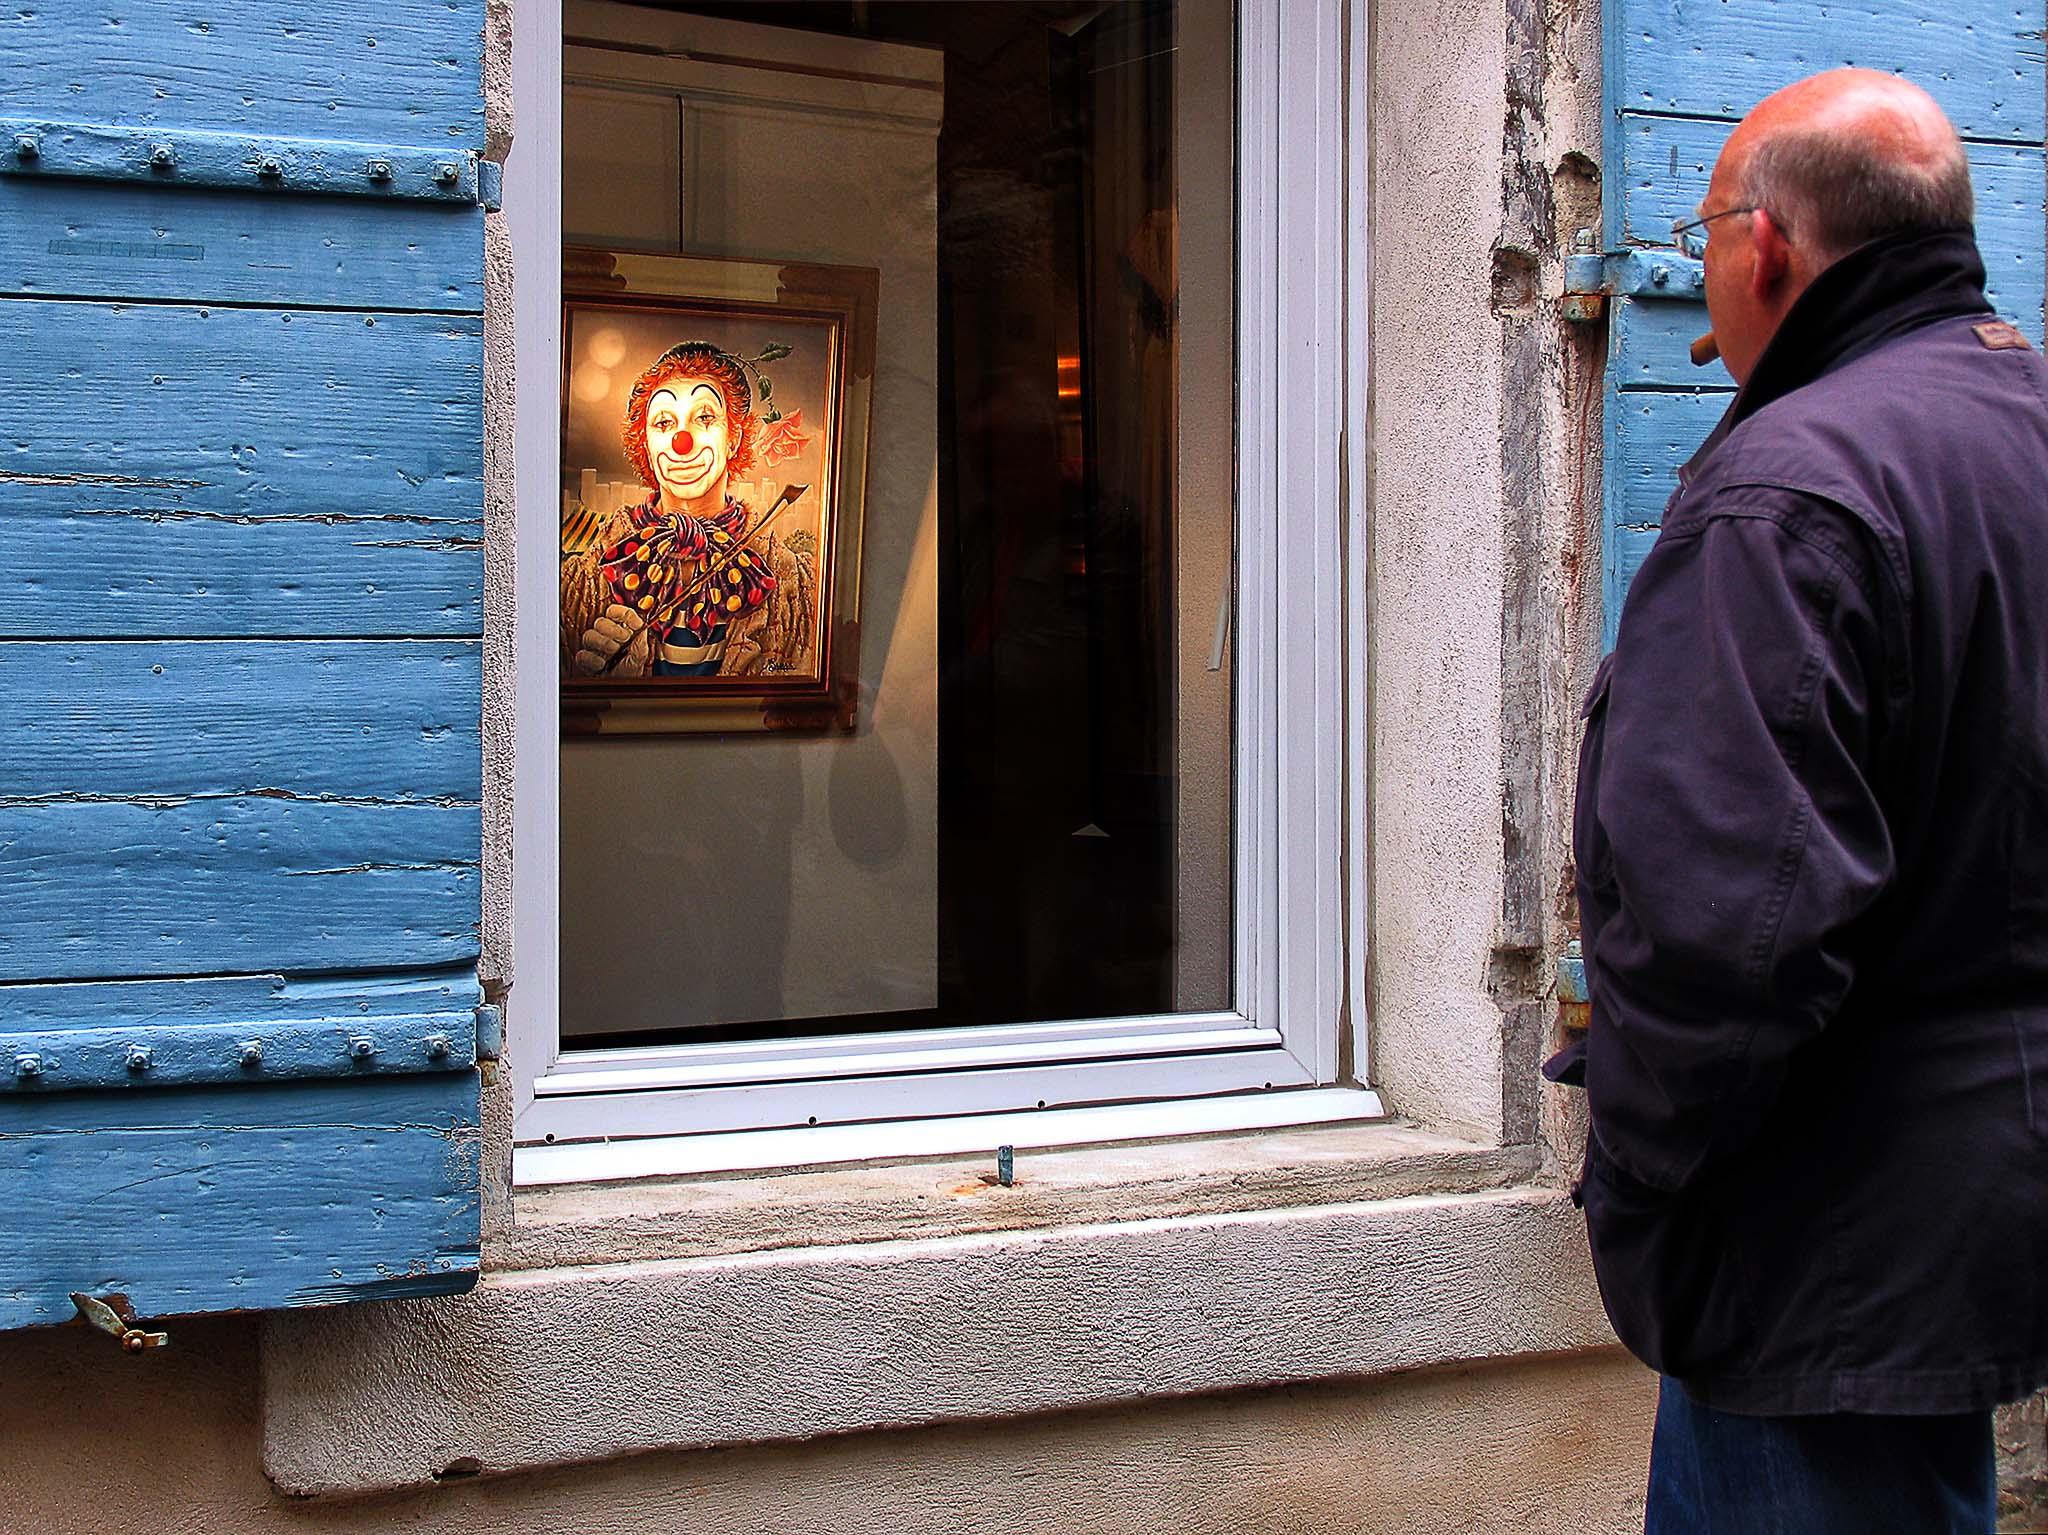 Admiring the art - Saint-Rémy-de-Provence, France